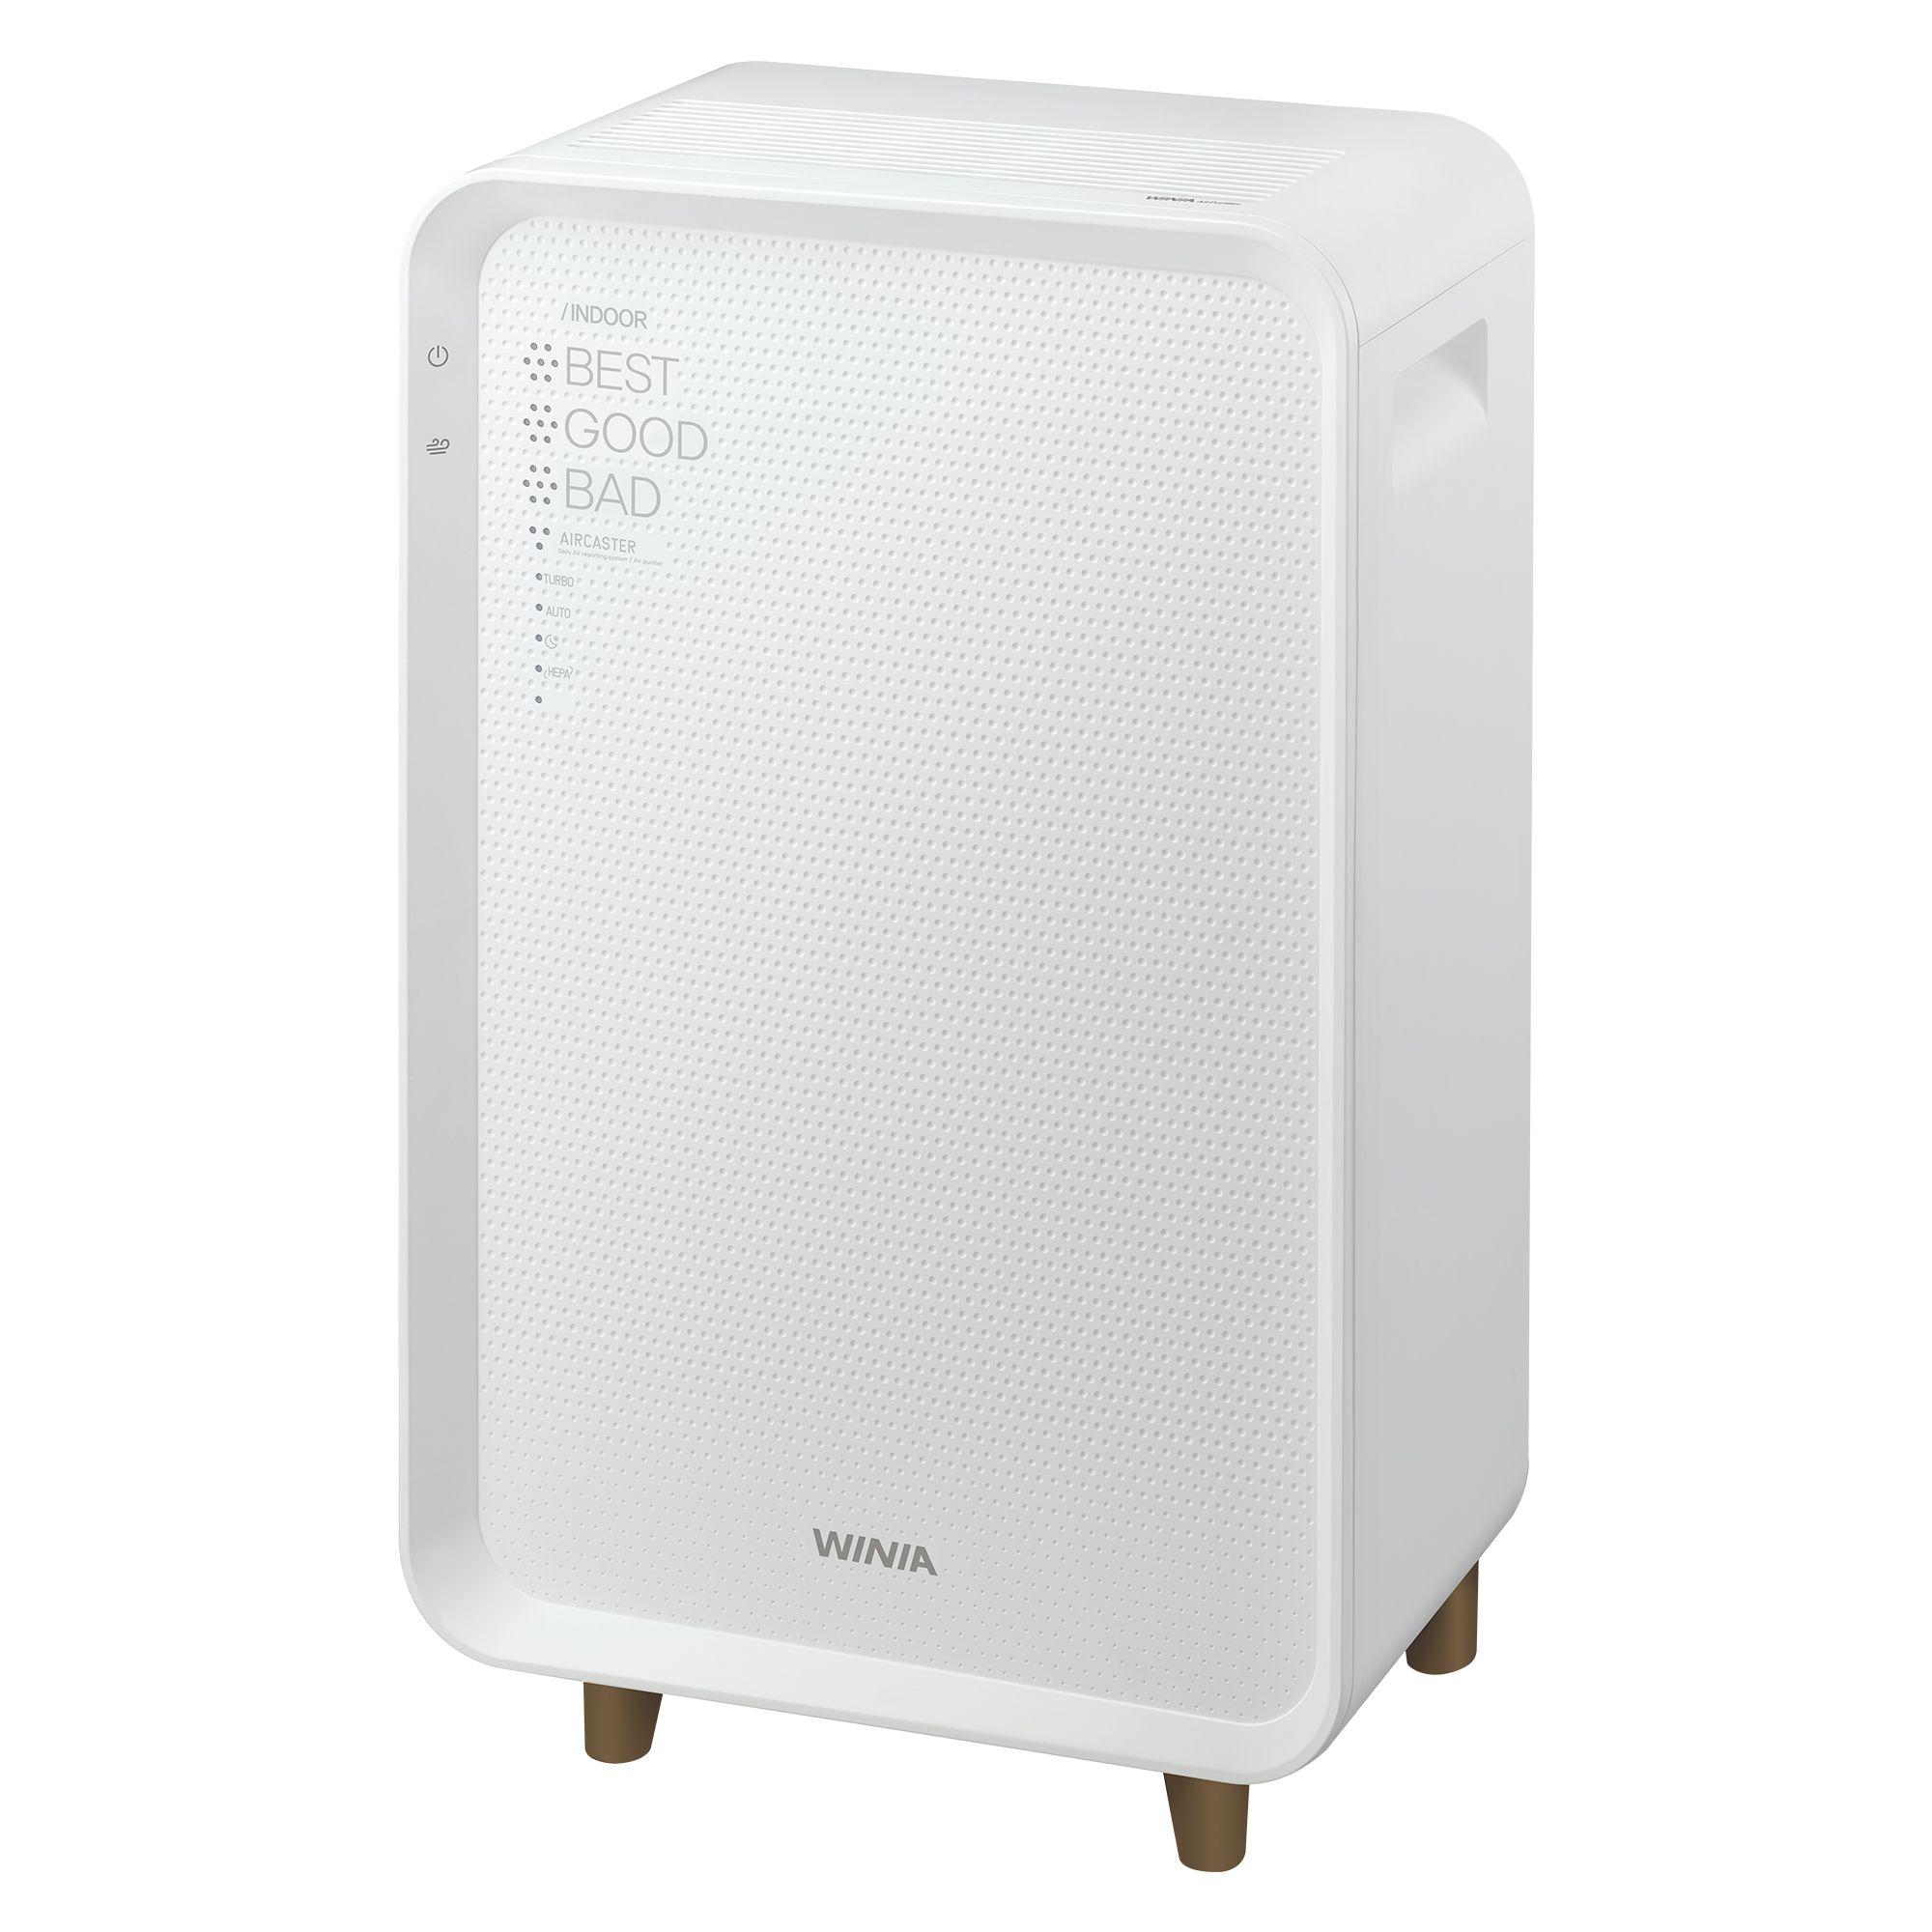 [ 공기청정기 대유위니아 ] Air cleaner design, Electronics design